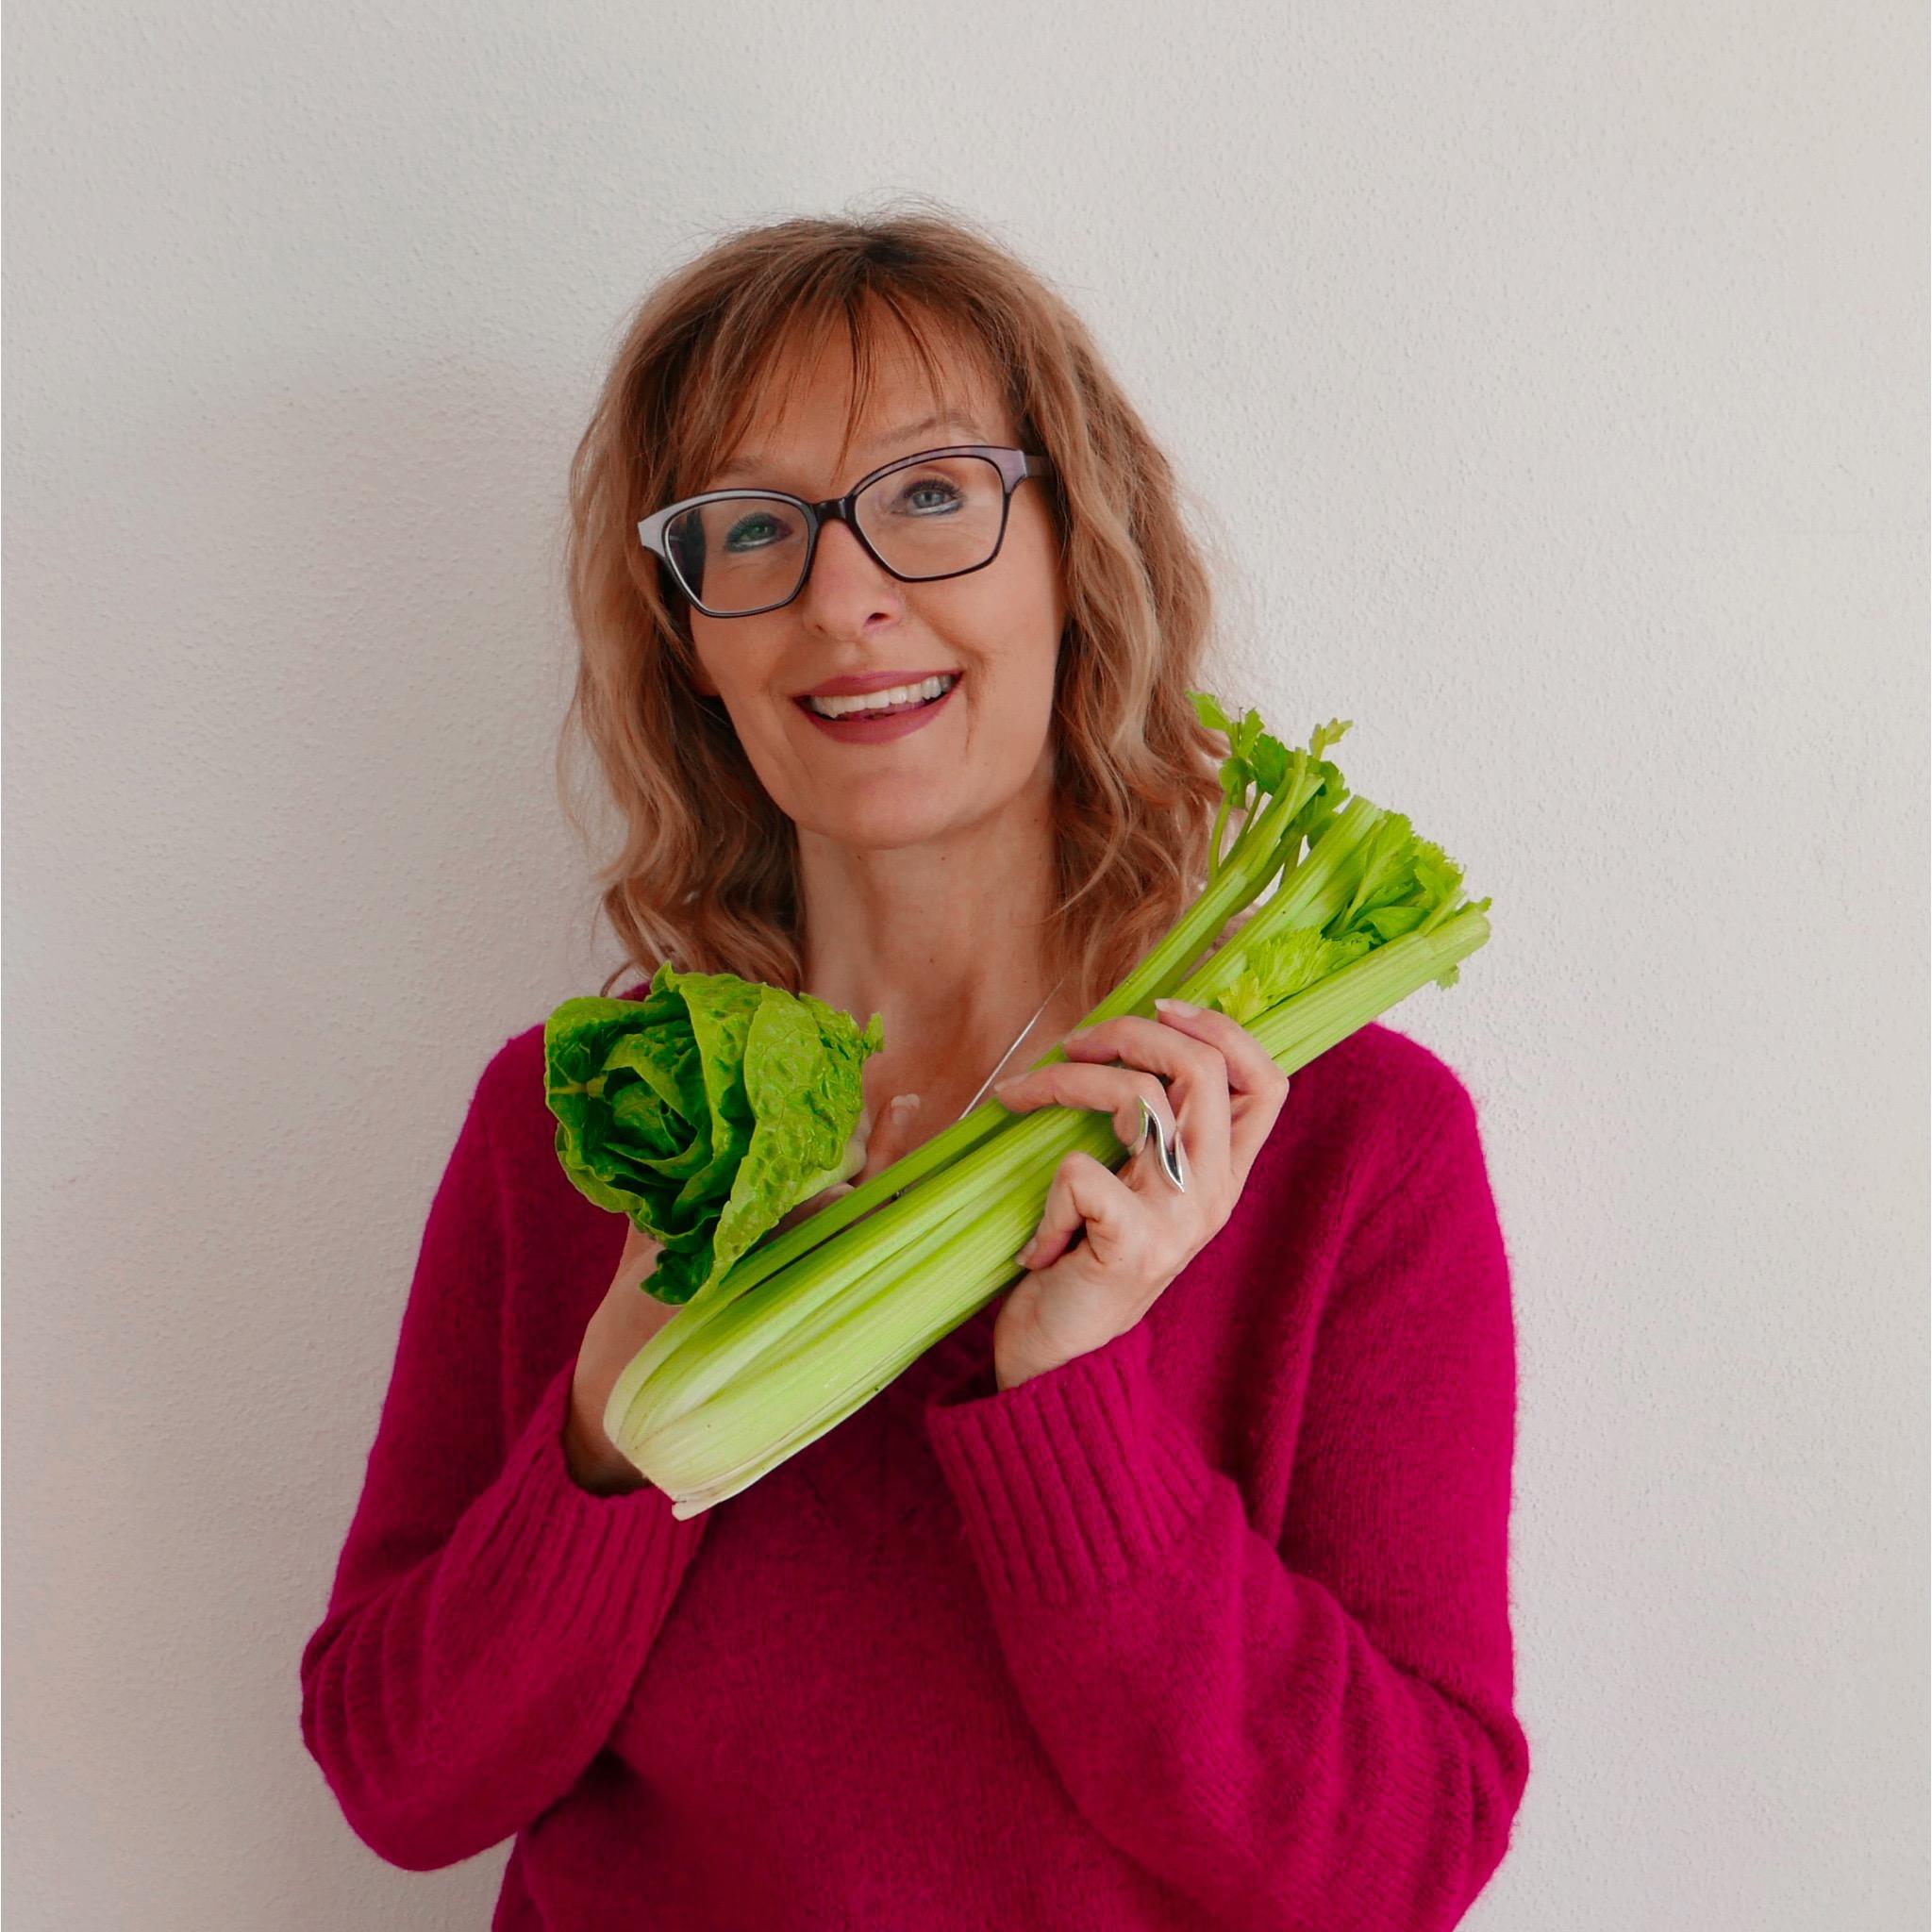 Wieviel Grün isst Du täglich?